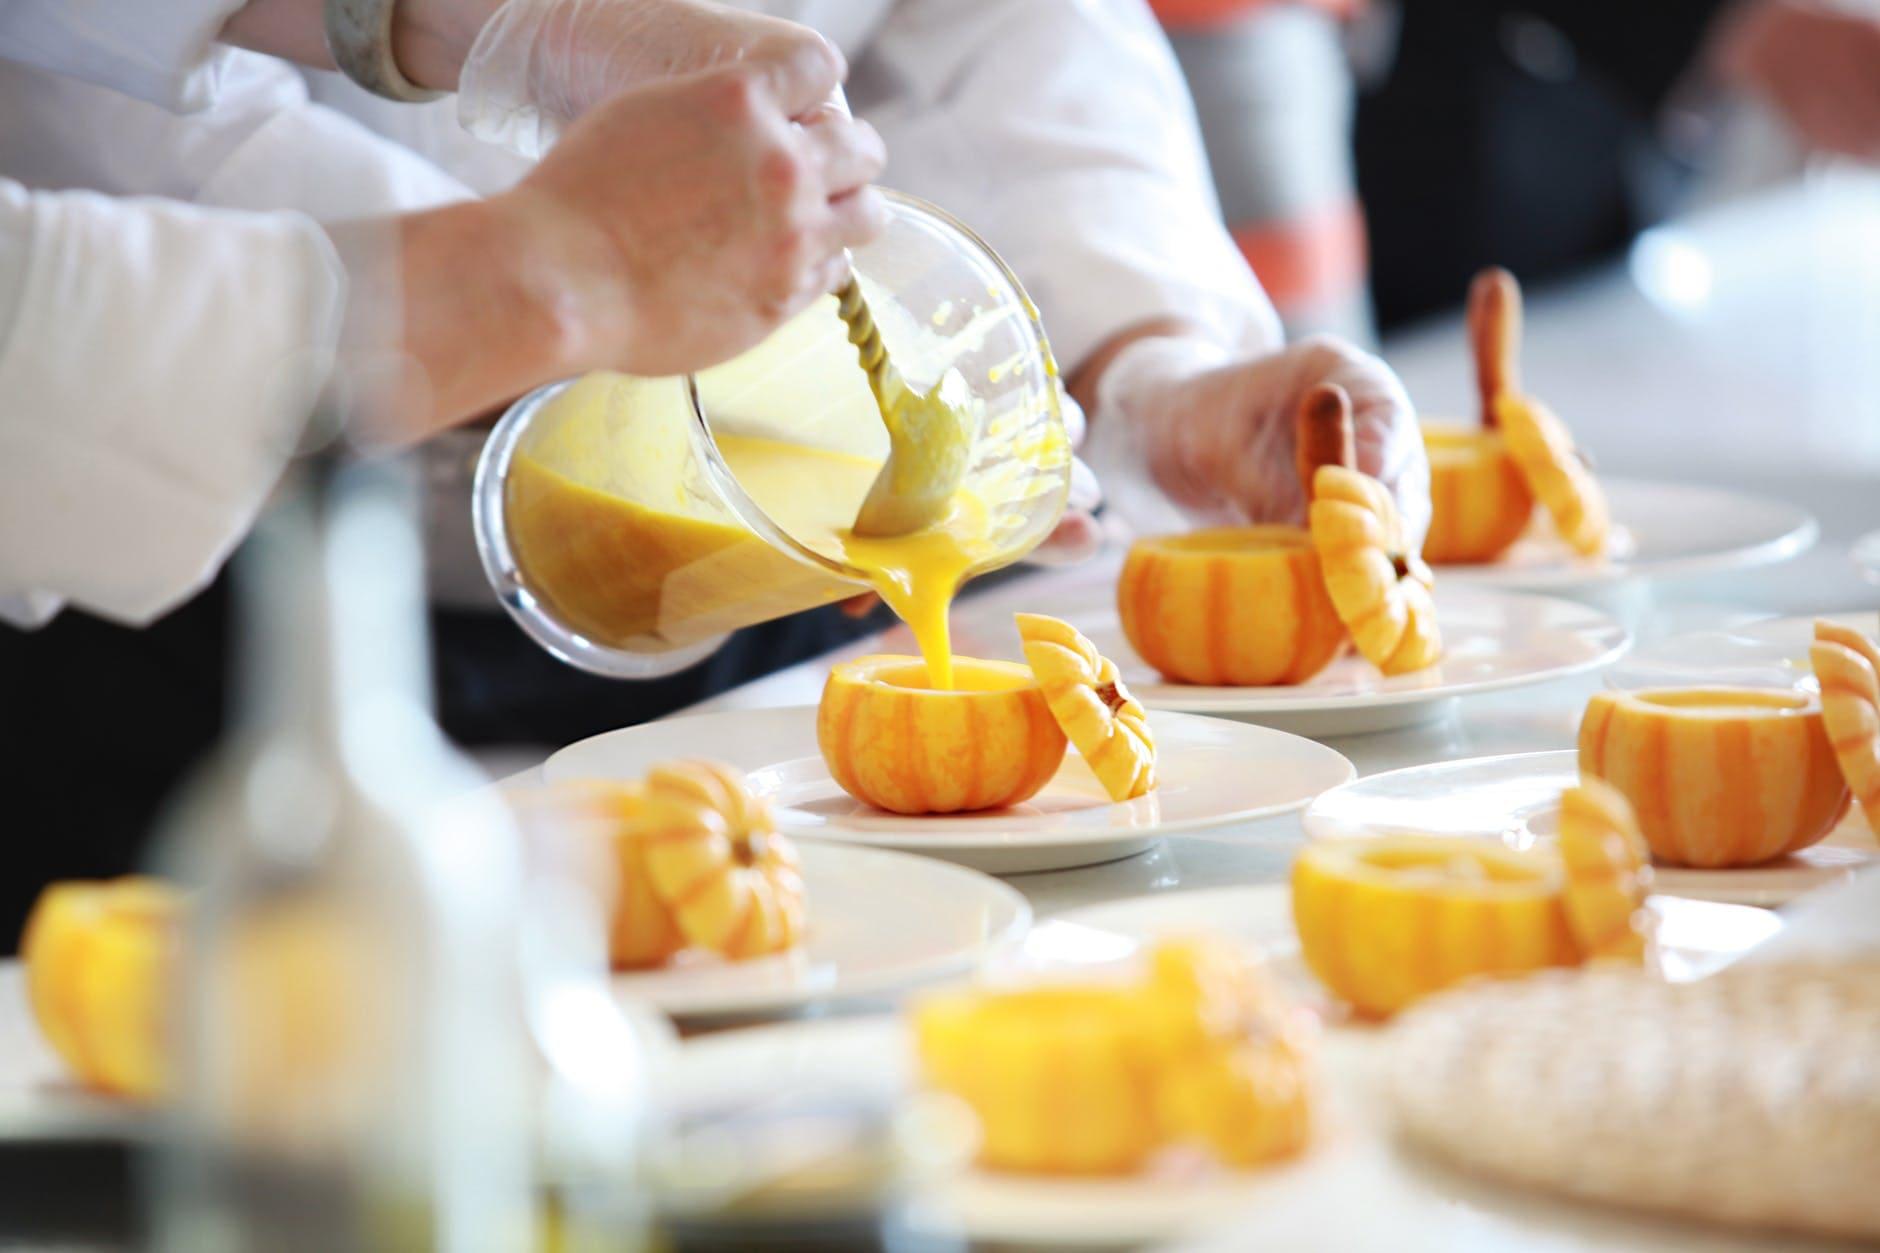 How to make honey pumpkin jam